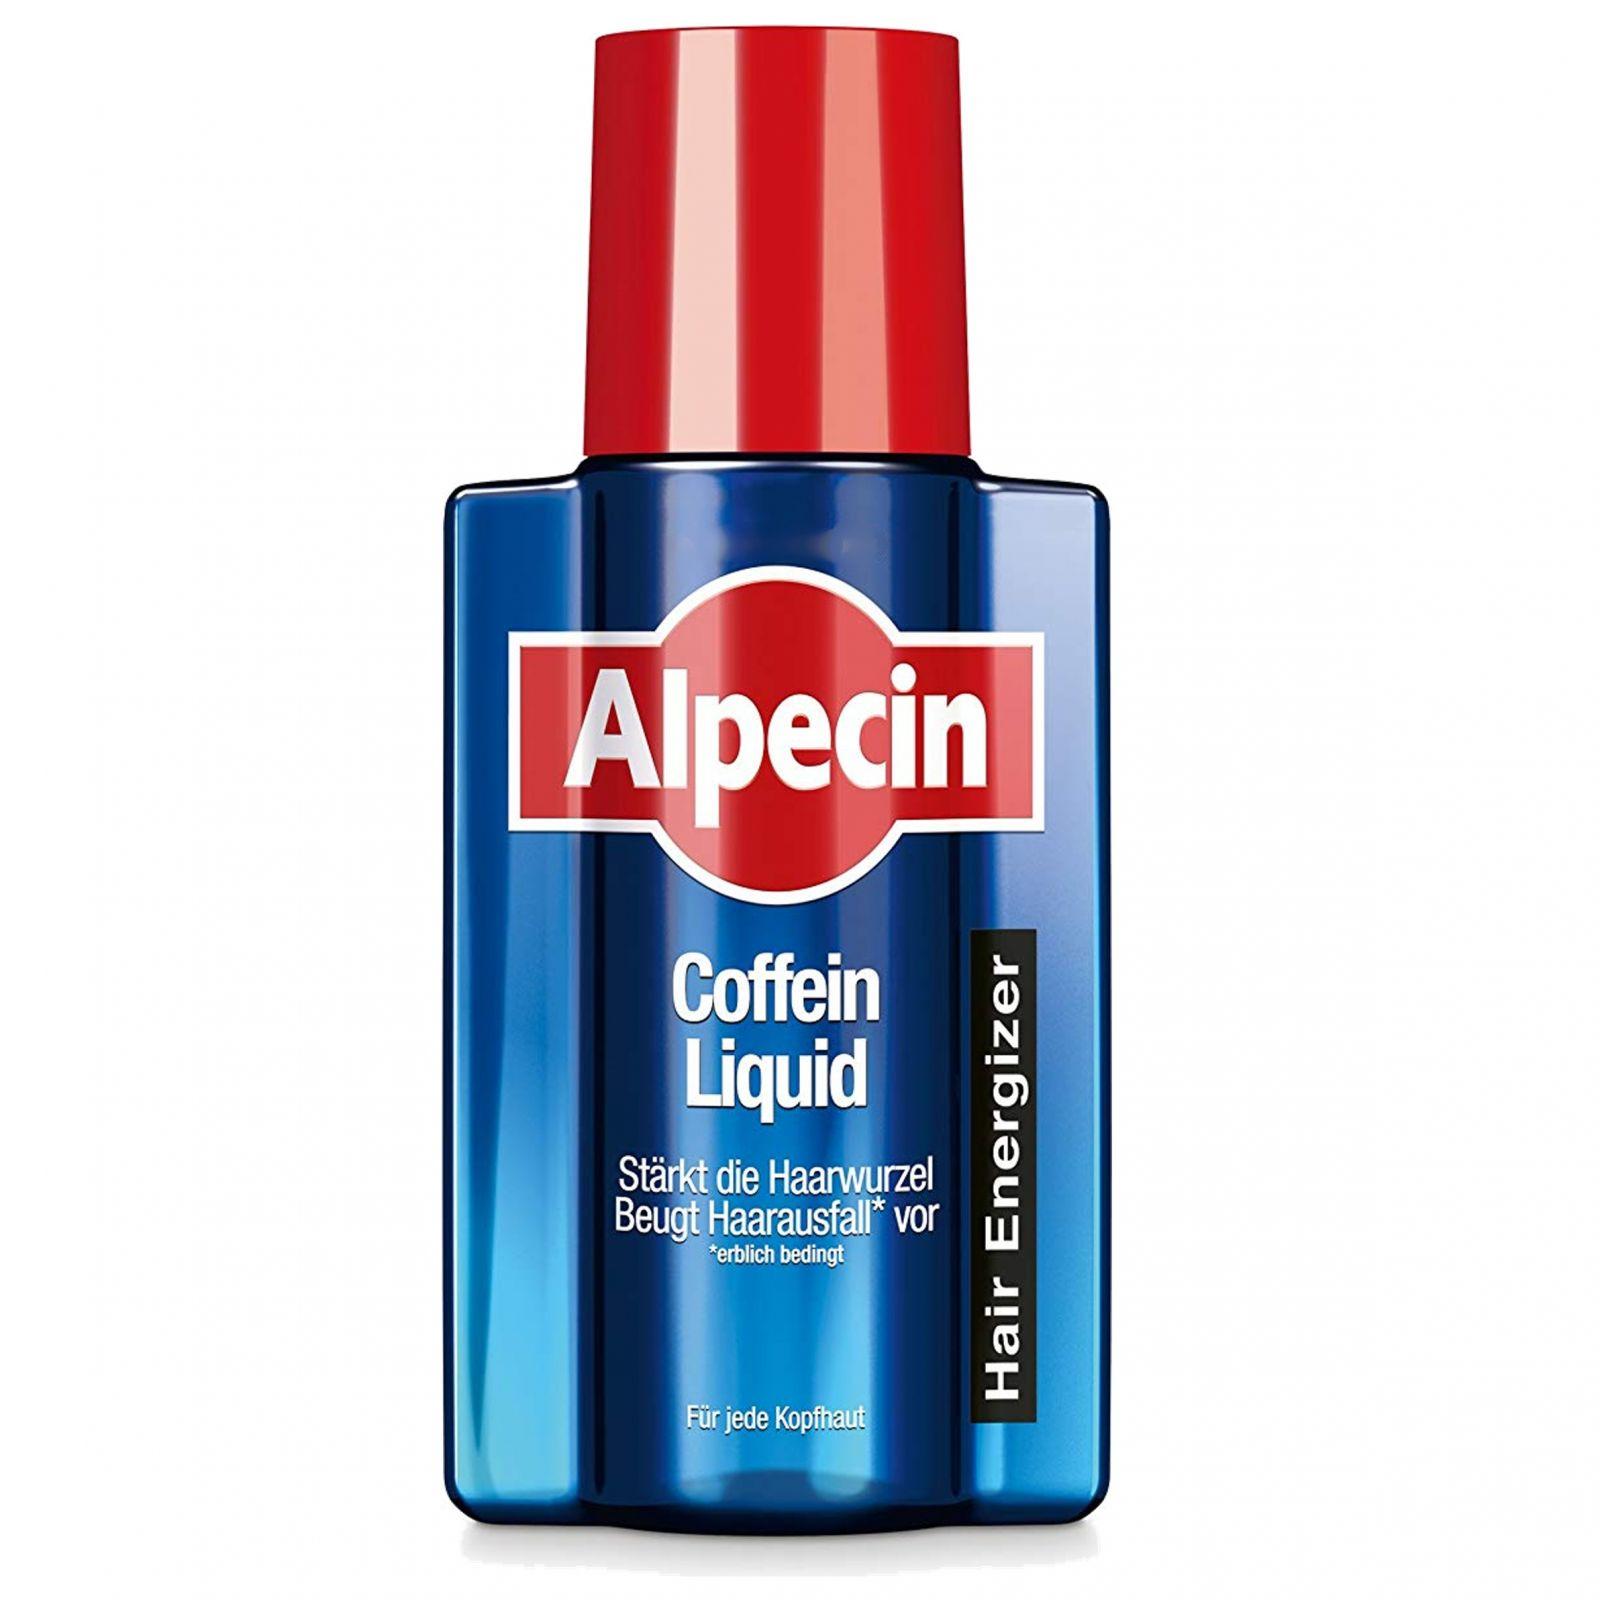 Alpecin Coffein Liquid Hair Energizer 75 ml